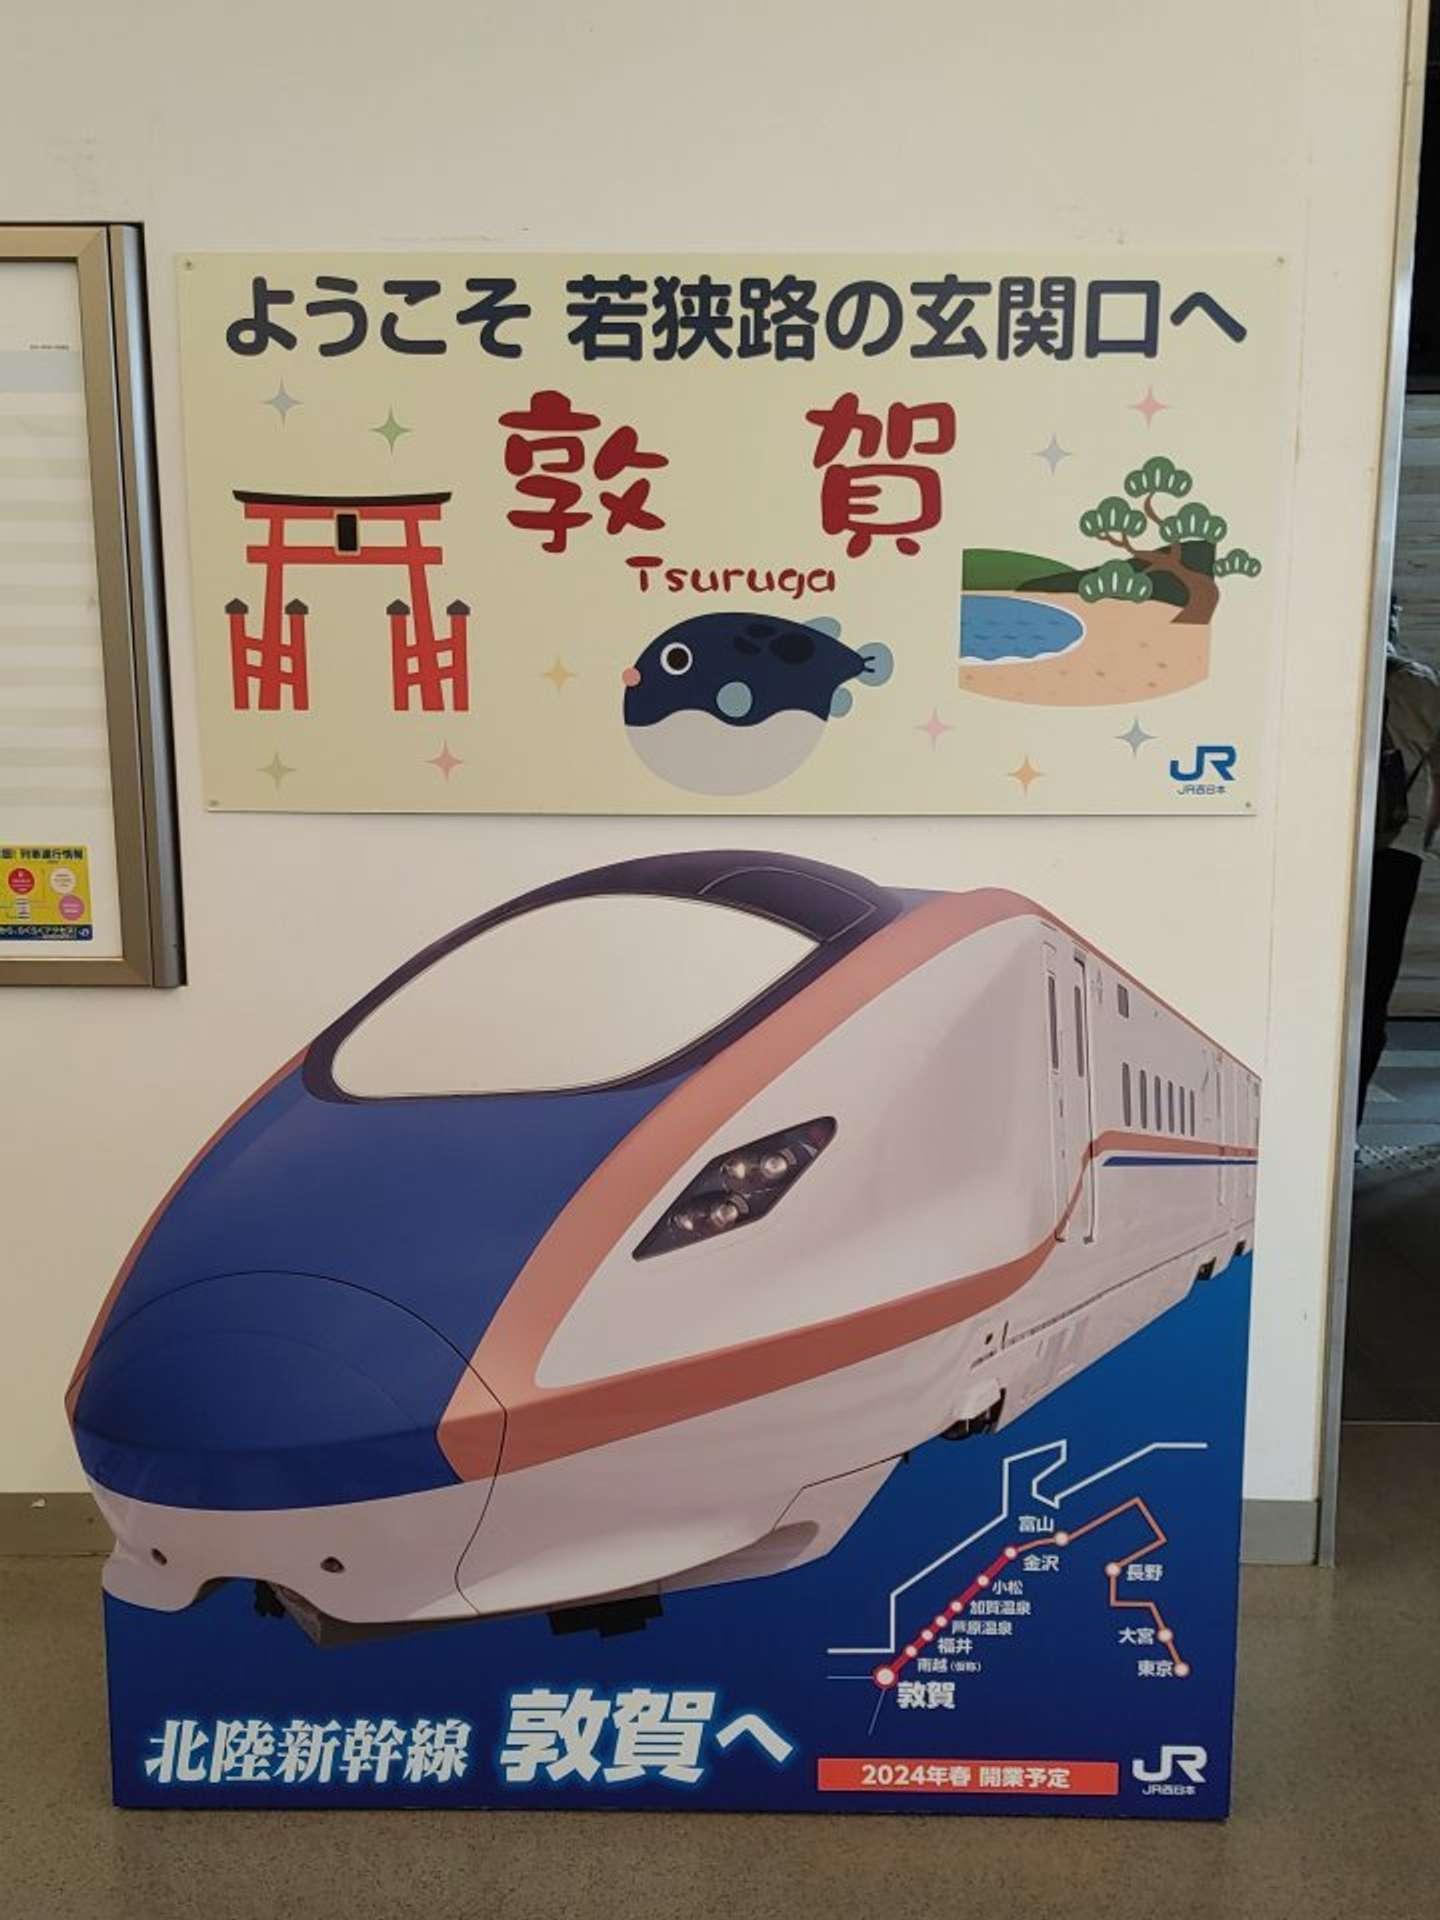 もうすぐ新幹線が...!